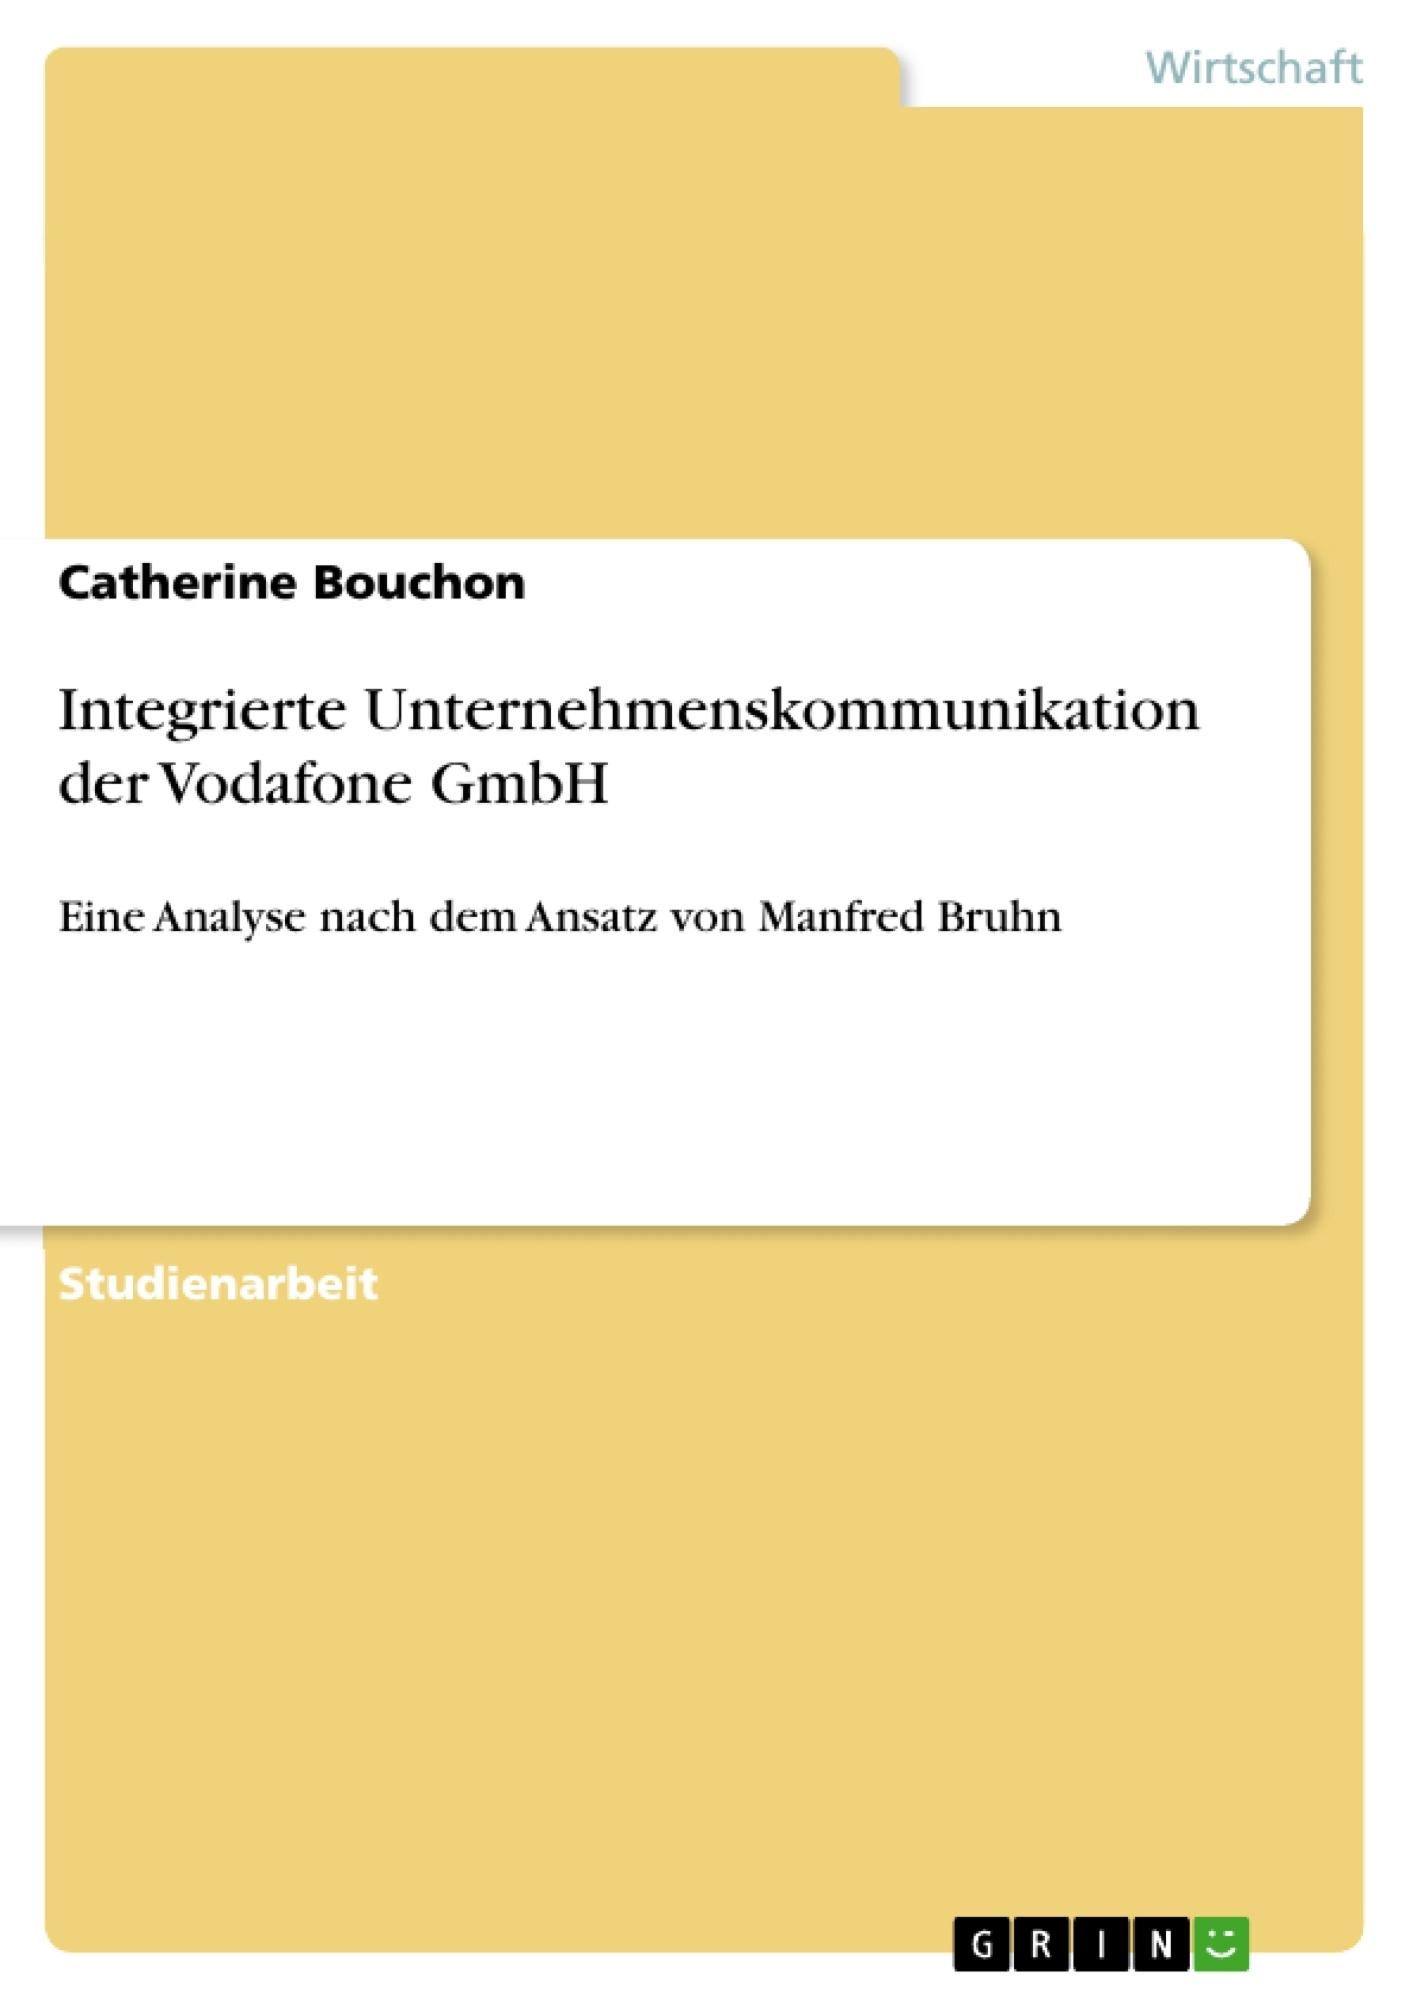 Titel: Integrierte Unternehmenskommunikation der Vodafone GmbH